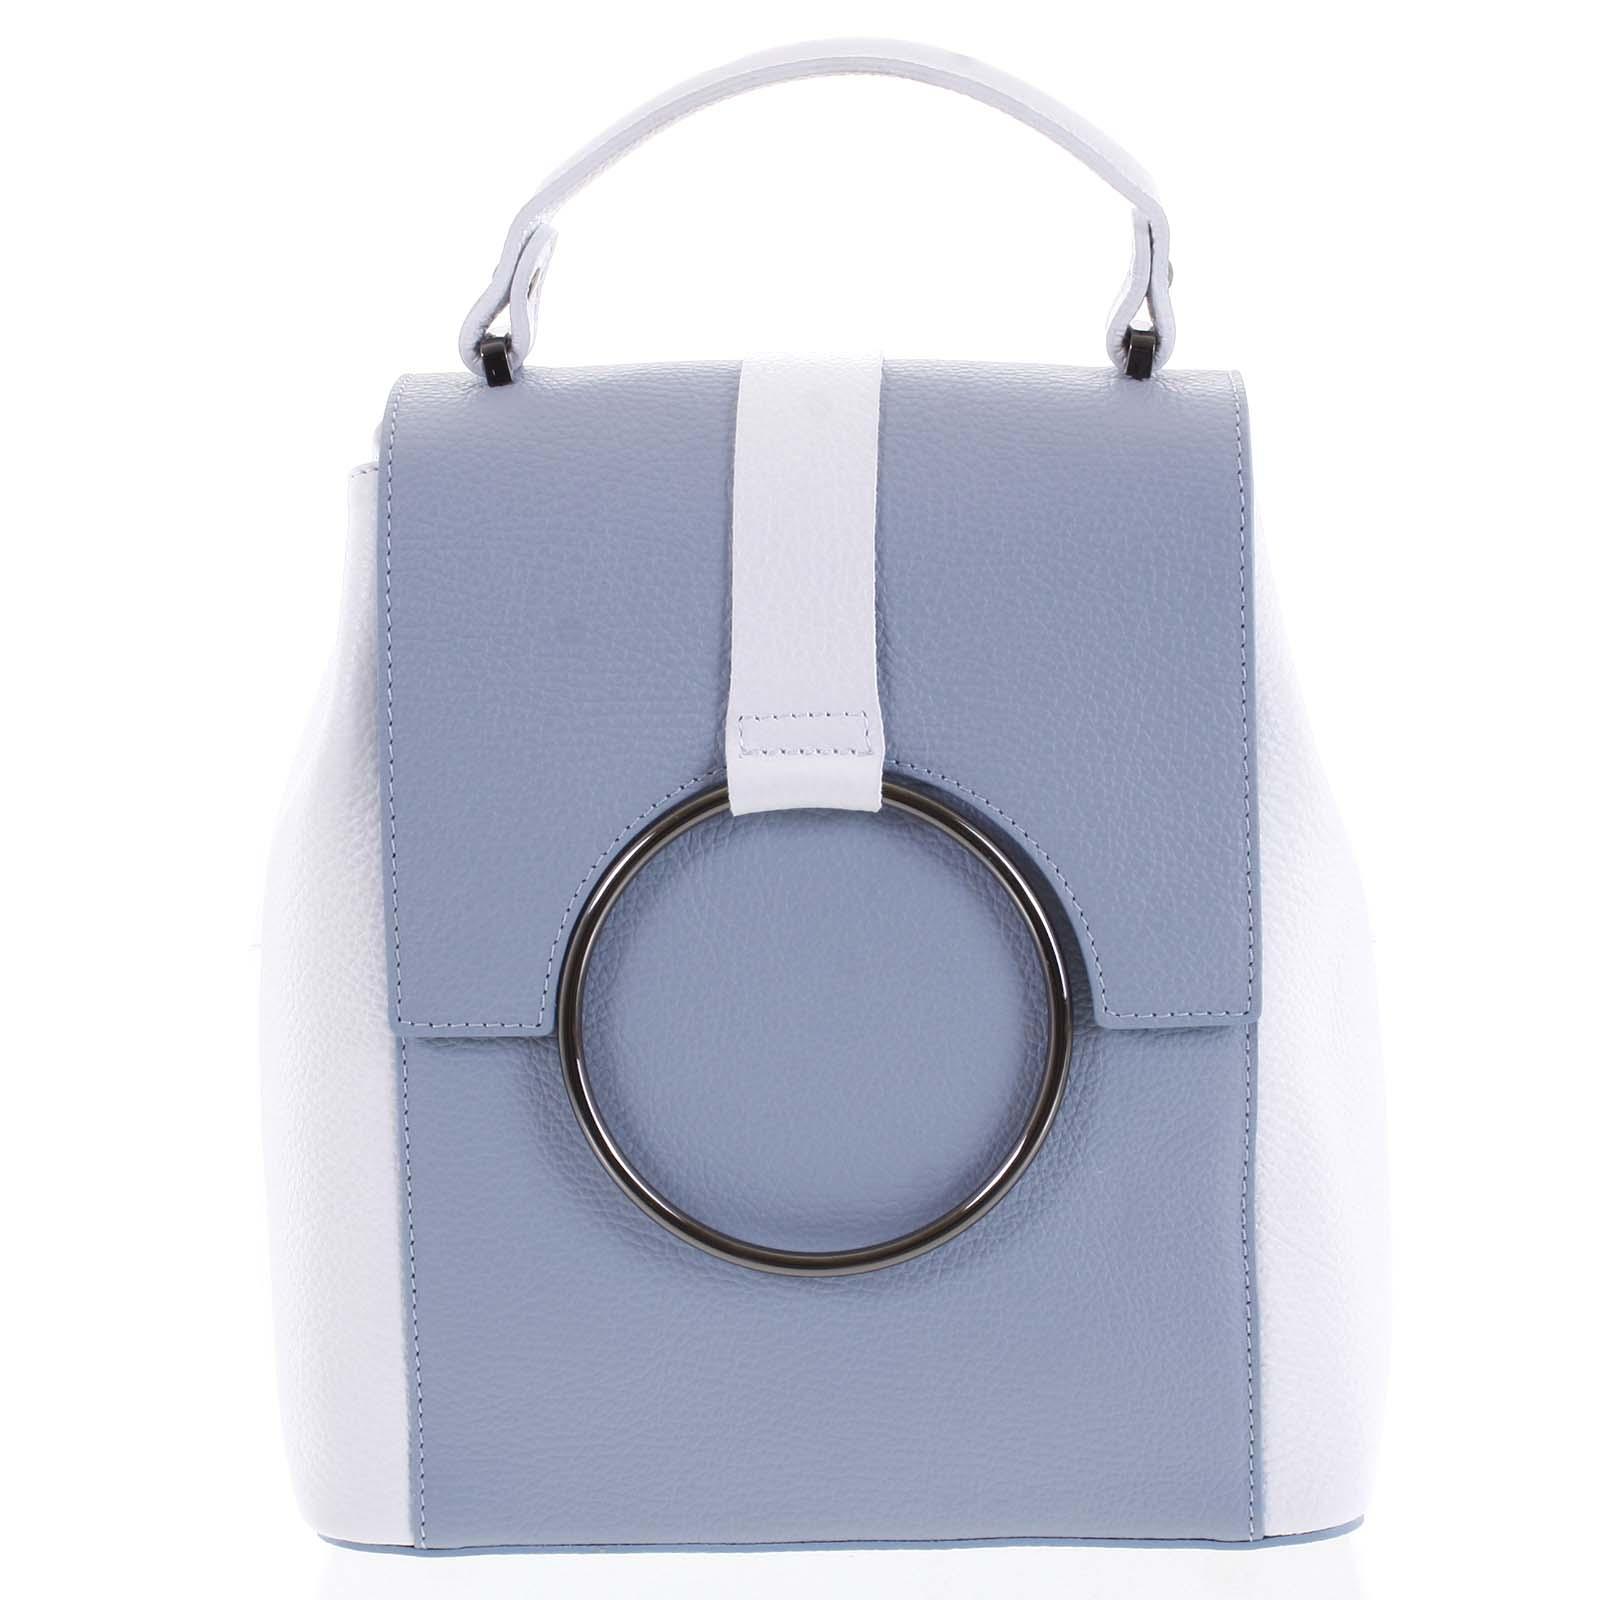 Dámský kožený batůžek kabelka bledě modrý - ItalY Vaiamos